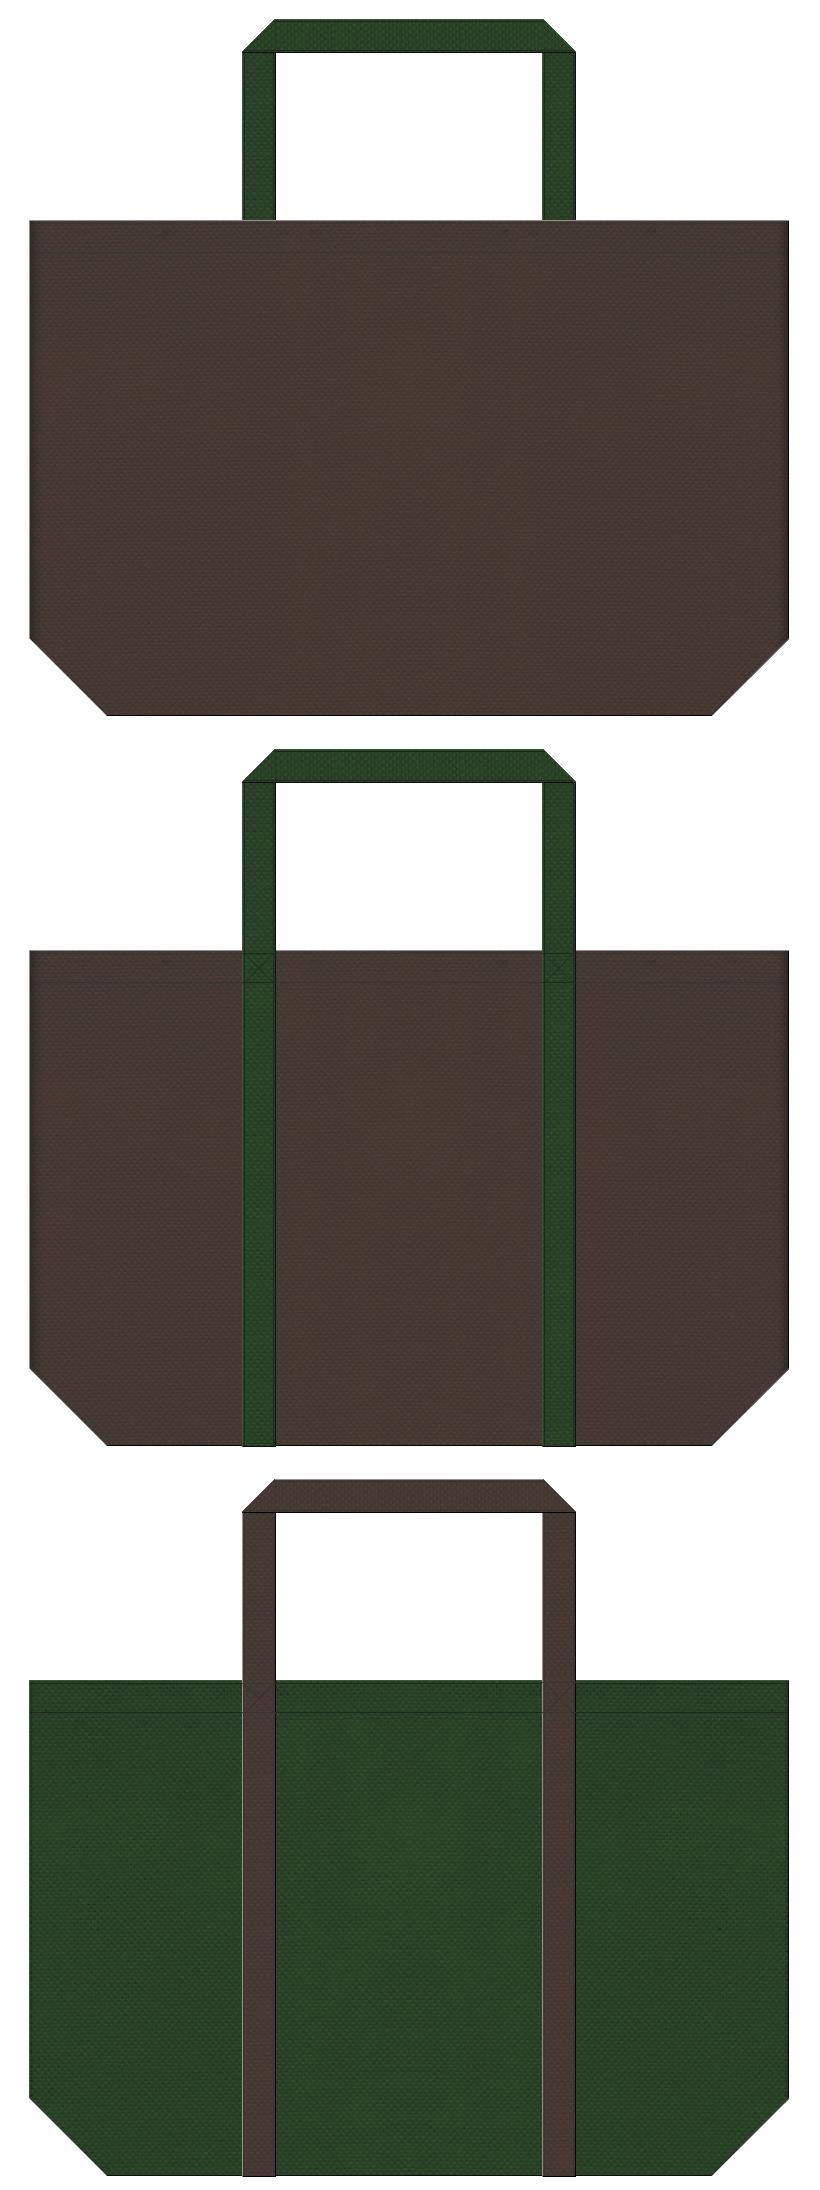 こげ茶色と濃緑色の不織布バッグデザイン:ジャングル風の配色で、植物園・テーマパークにお奨めです。